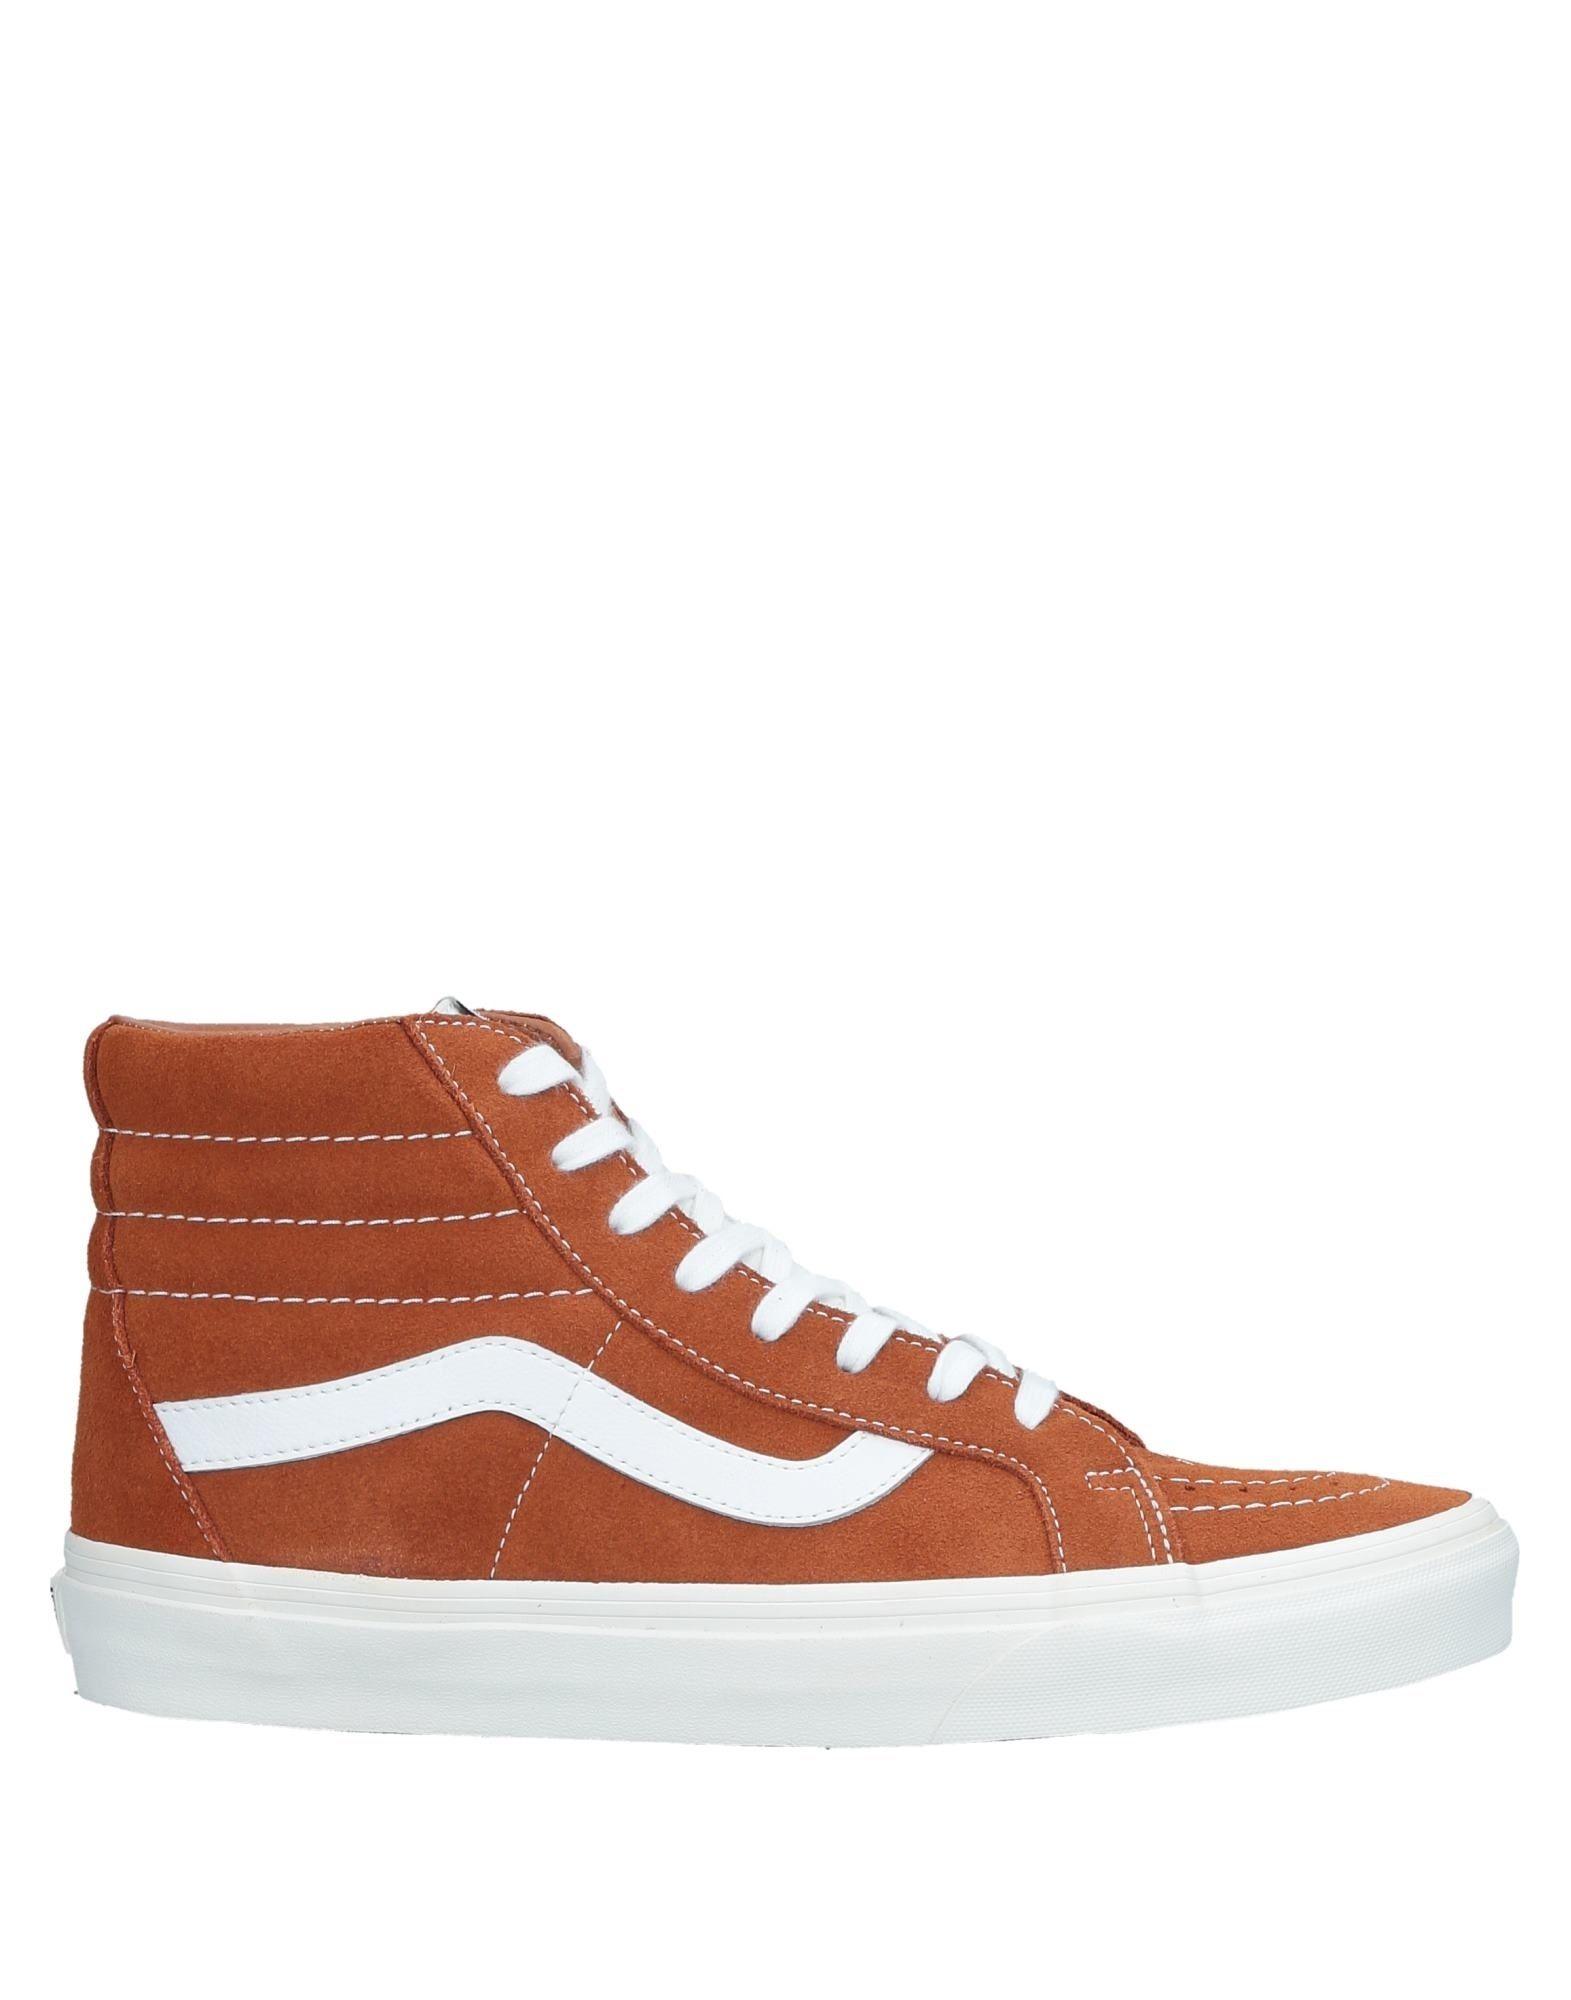 Rabatt echte Schuhe Vans Sneakers Herren  11528854QV